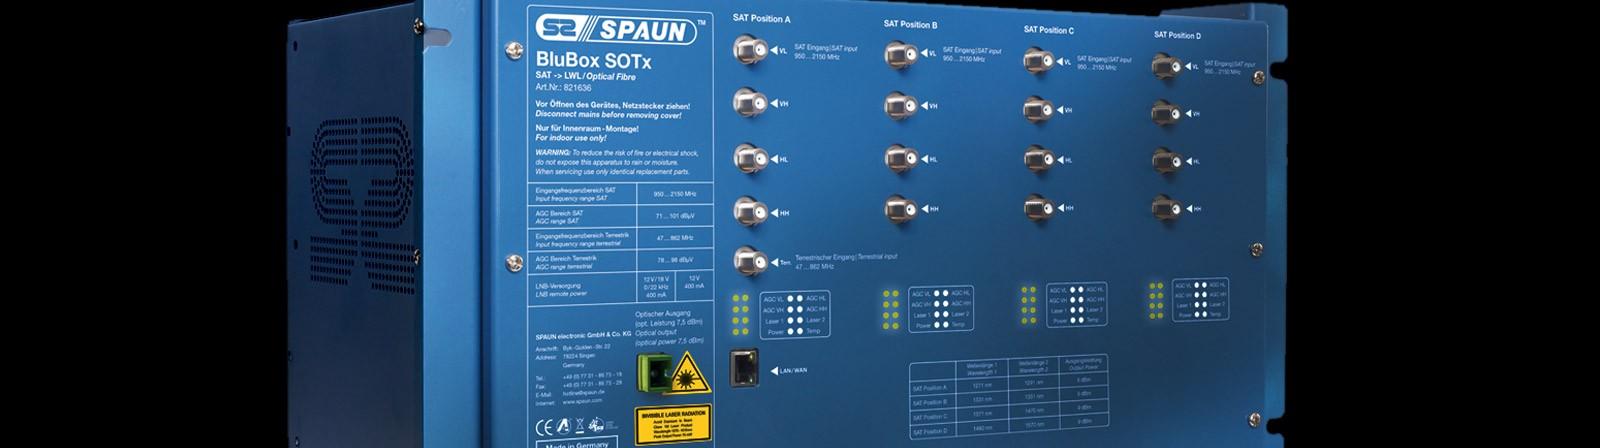 SPAUN BluBox